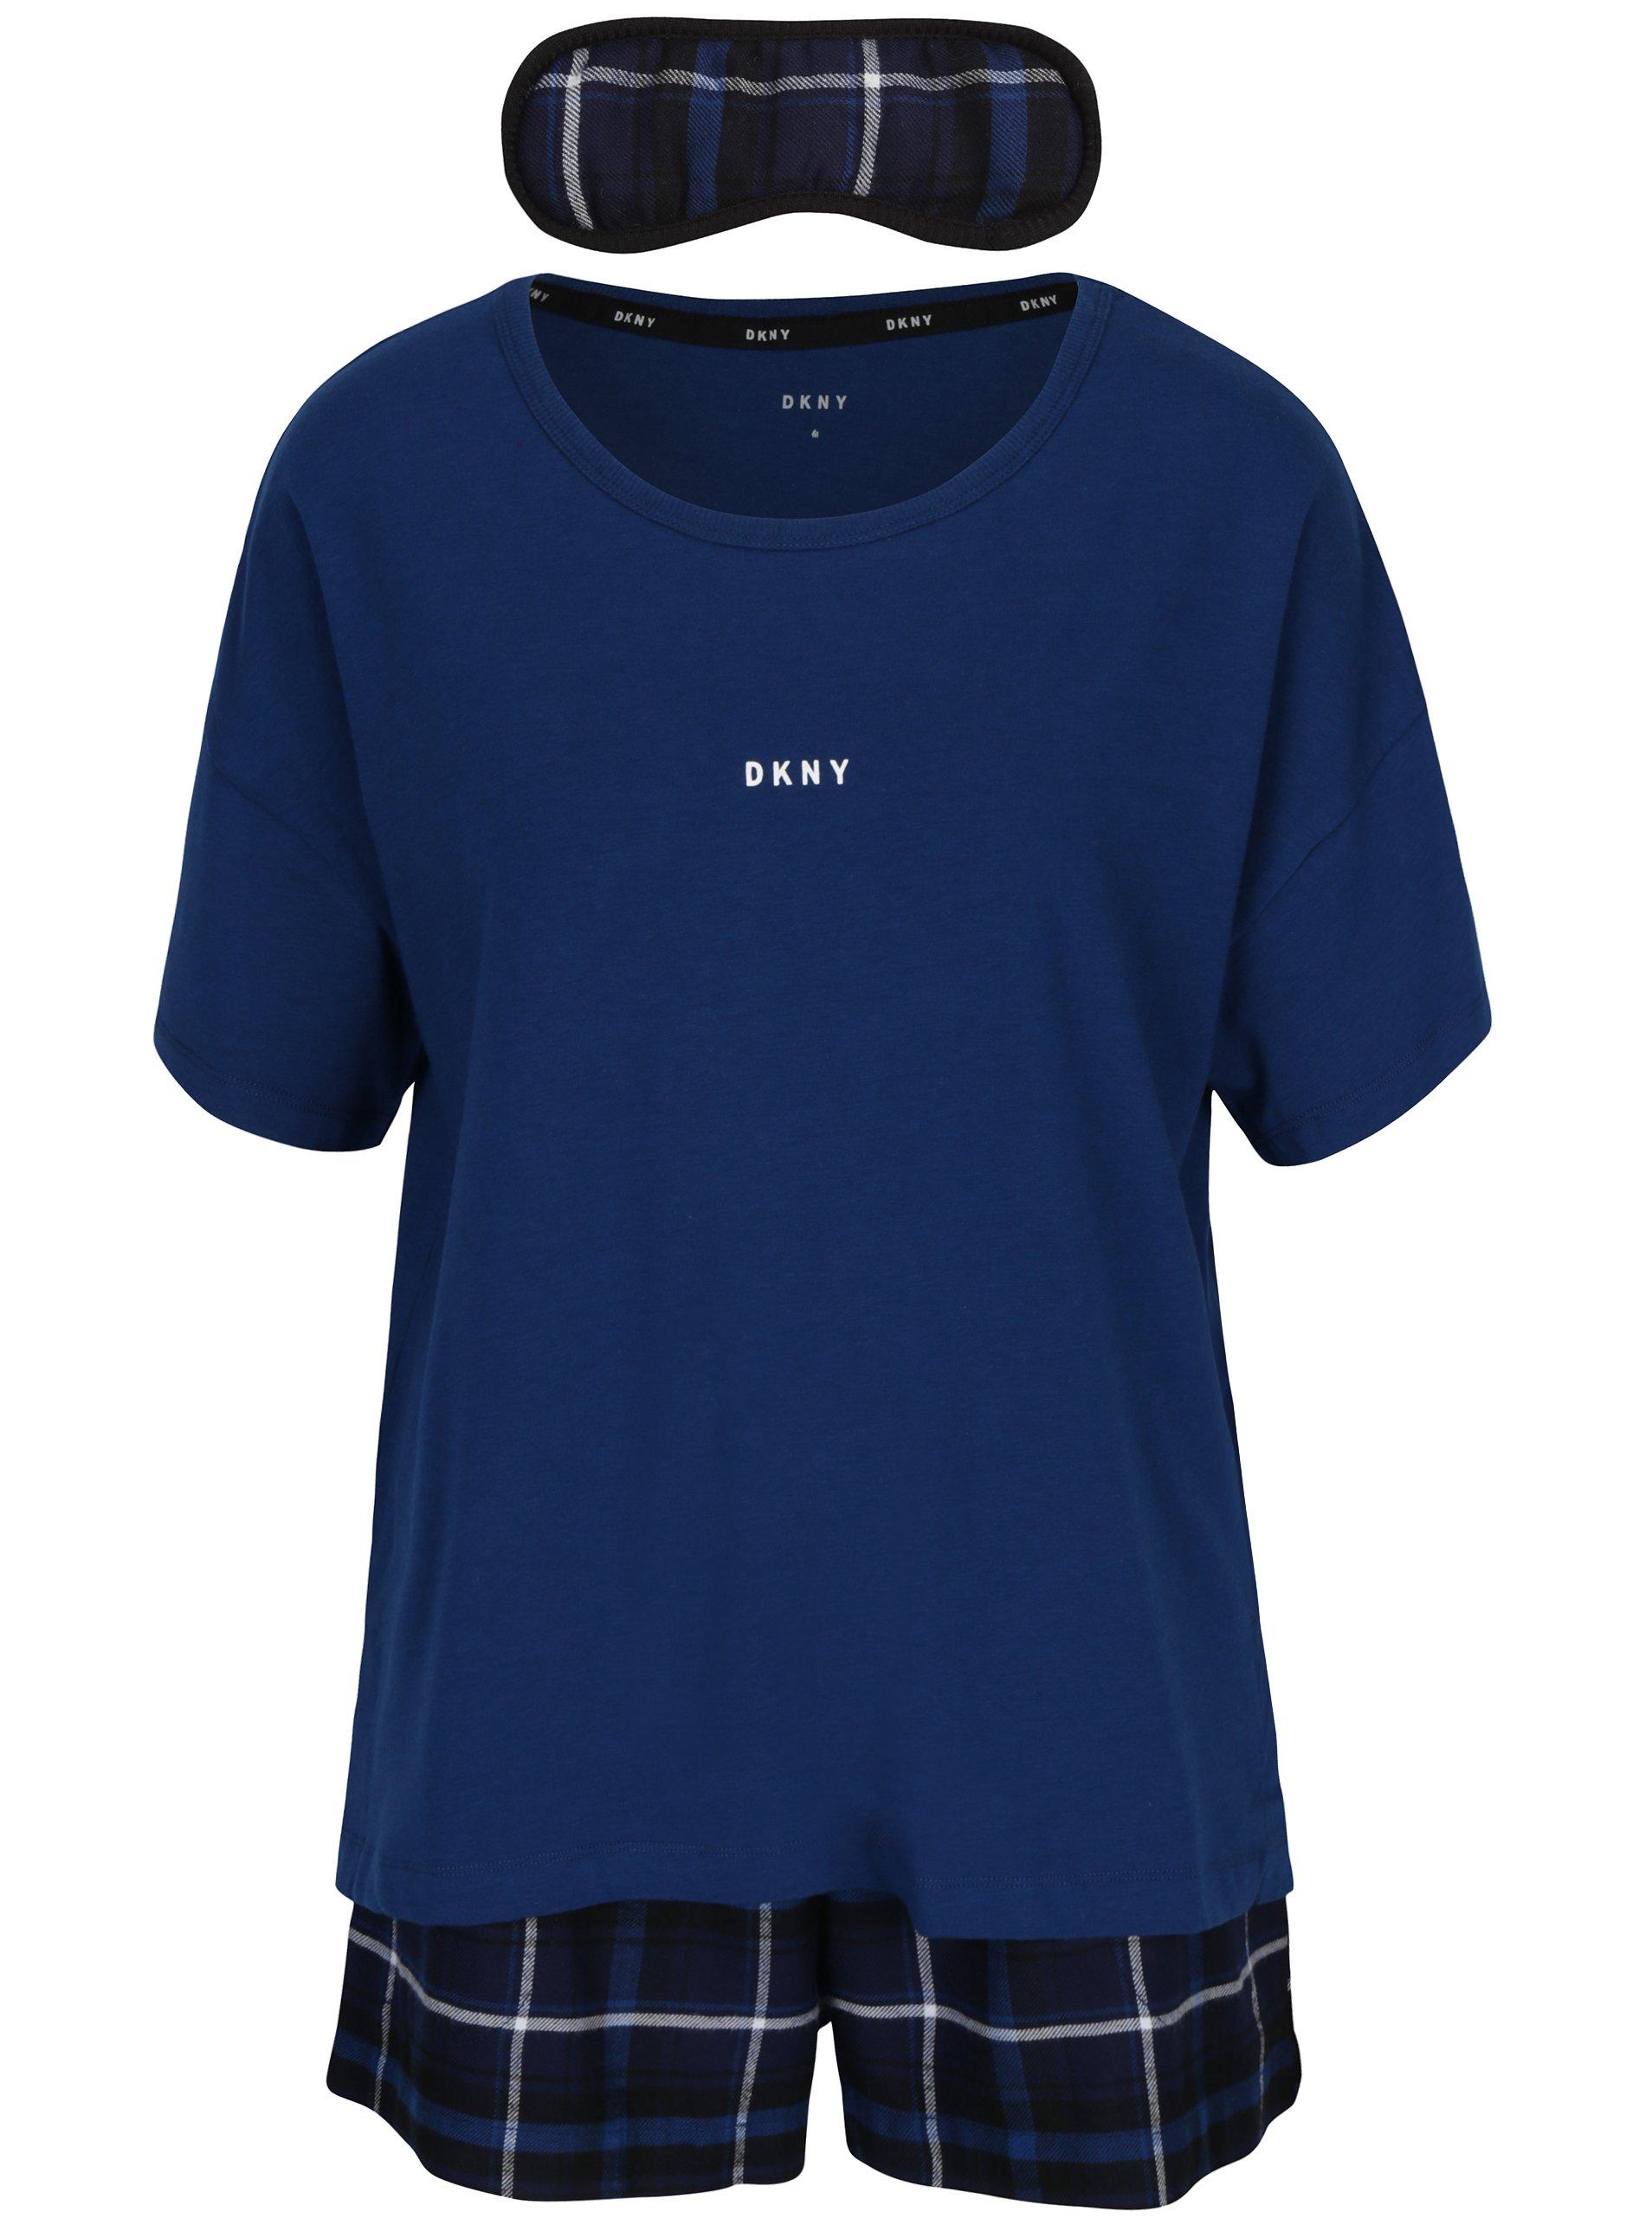 Tmavě modrý dárkový set pyžama a masky na spaní DKNY